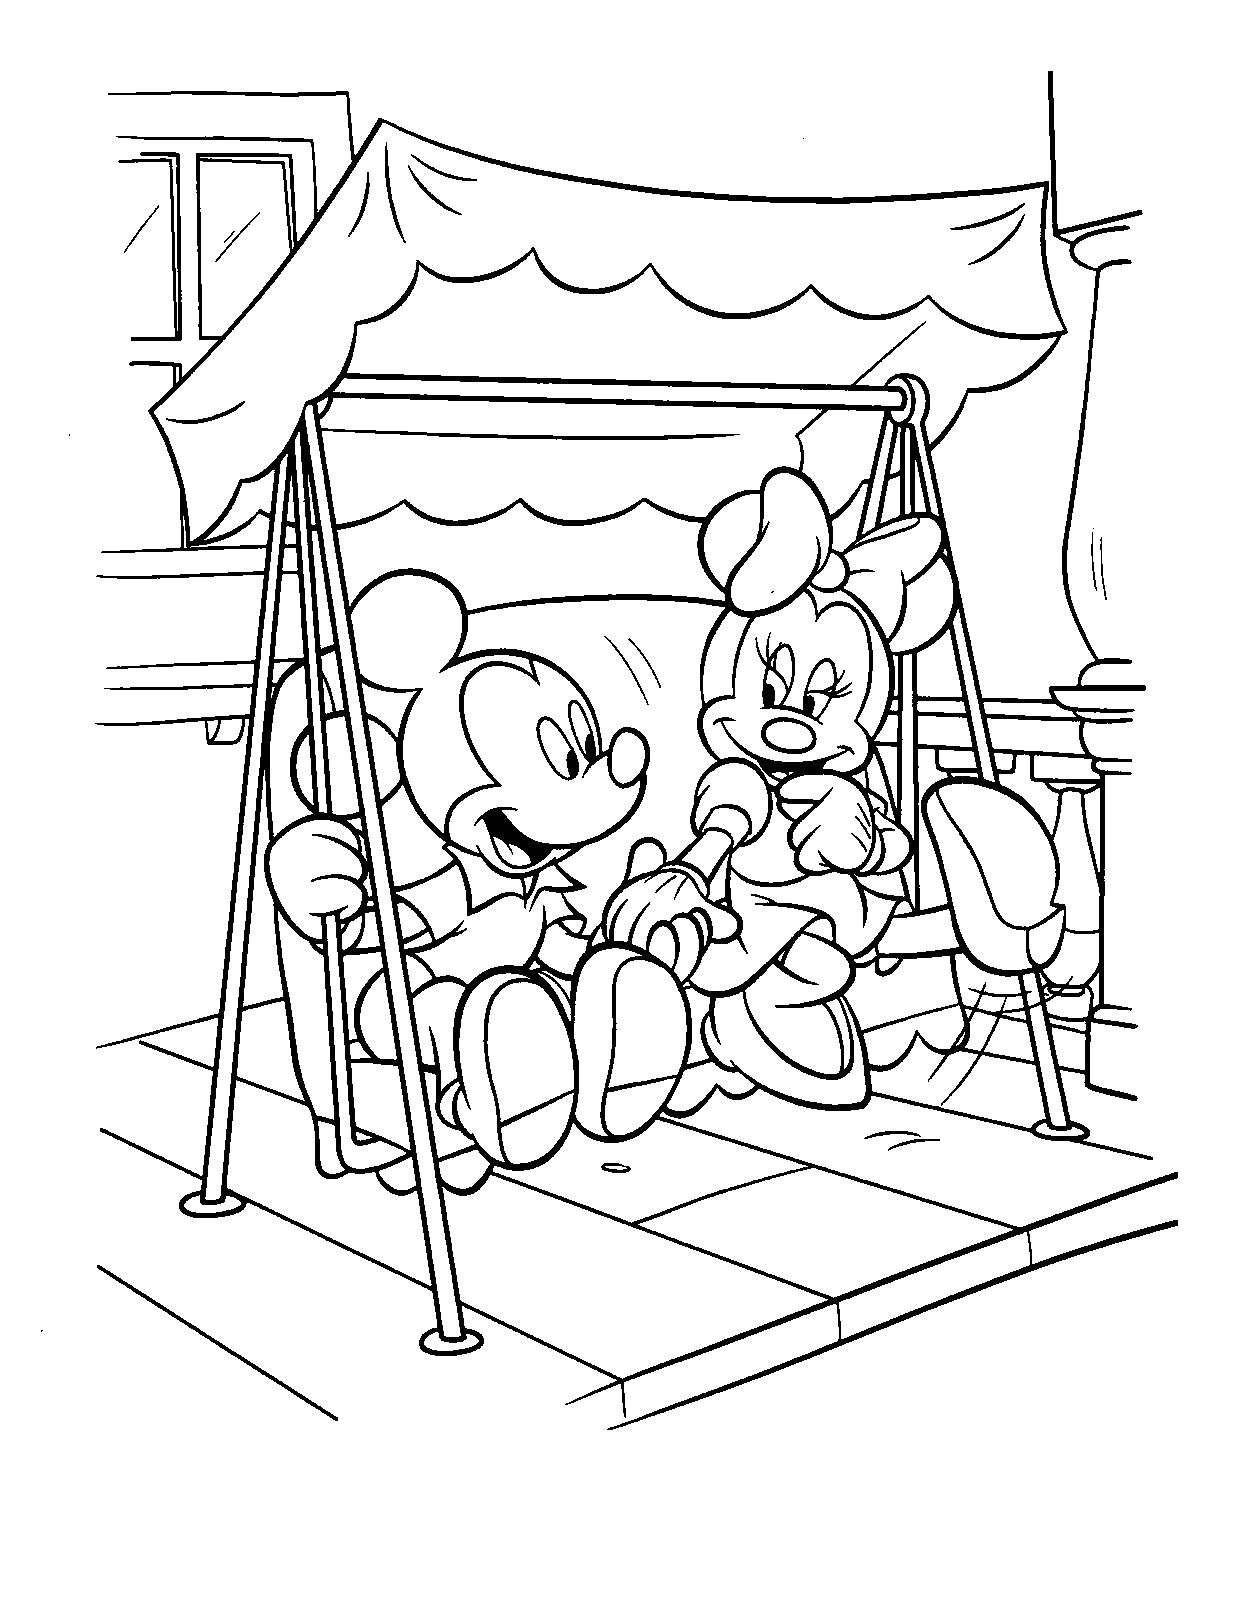 Micky Maus Wunderhaus Ausmalbilder Inspirierend 35 Schön Mickey Mouse Ausmalbild – Große Coloring Page Sammlung Sammlung